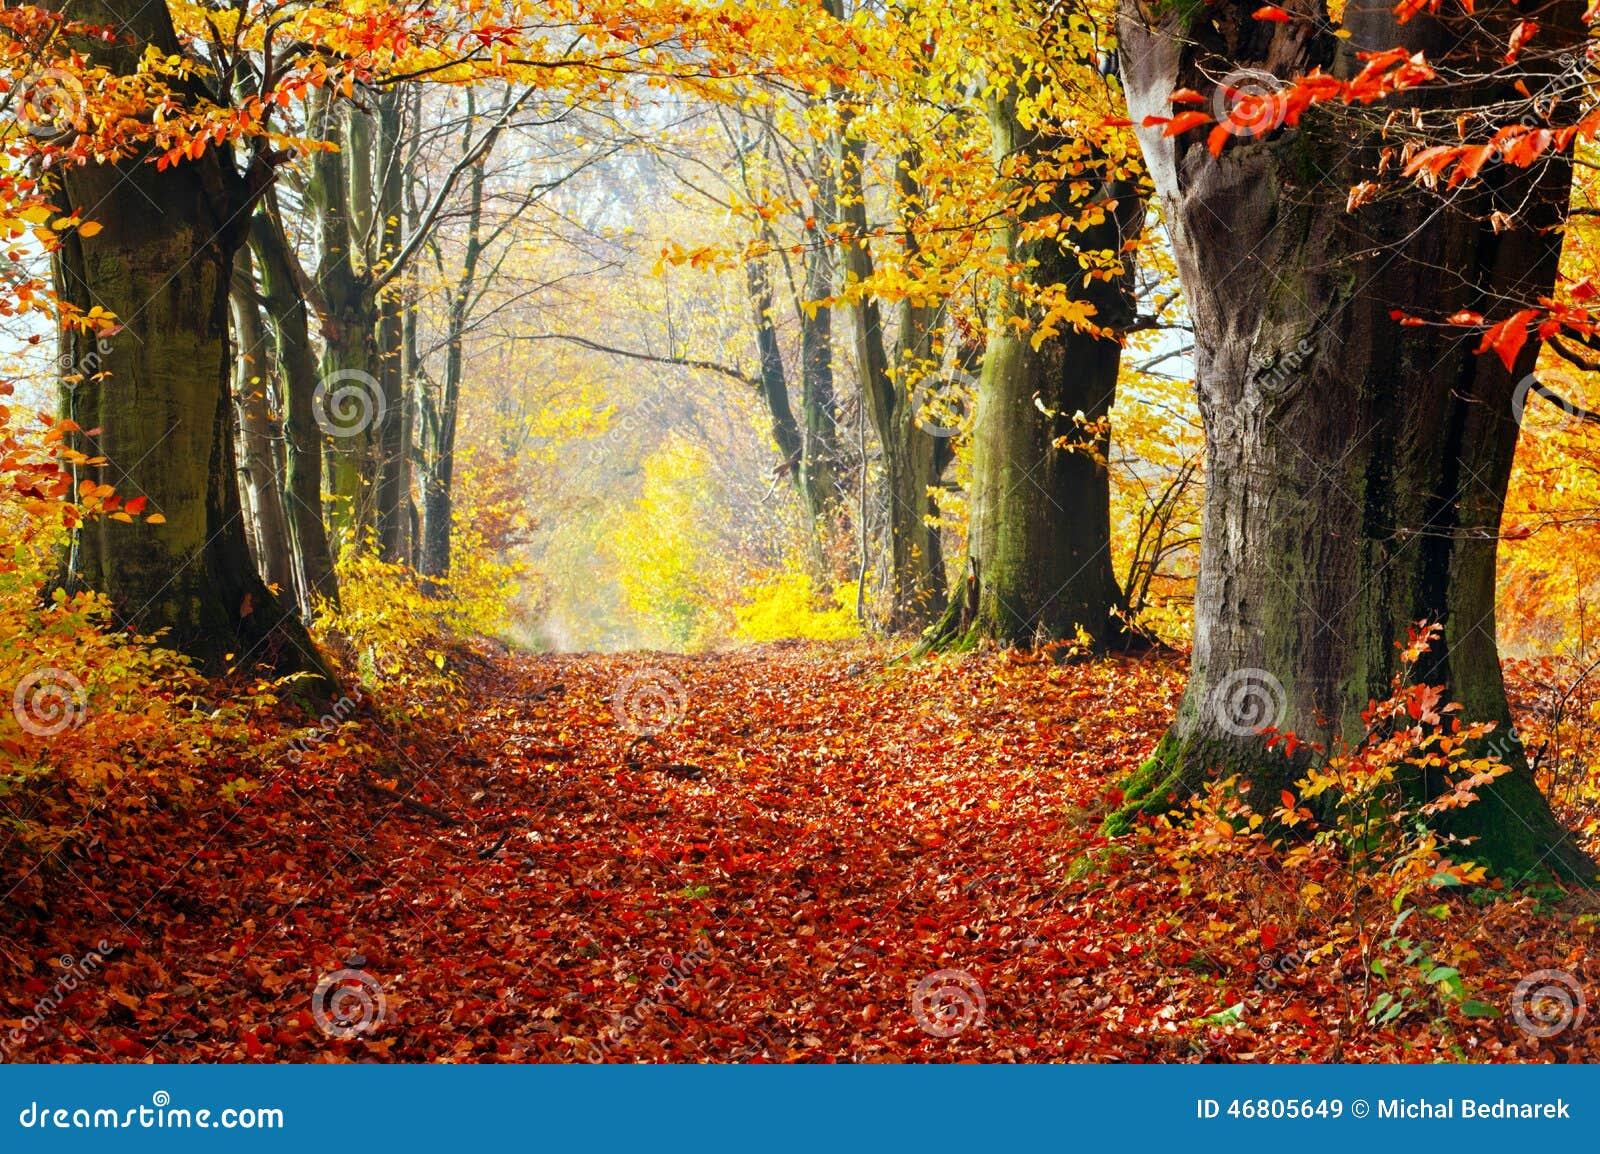 De herfst, dalings bosweg van rode bladeren naar licht